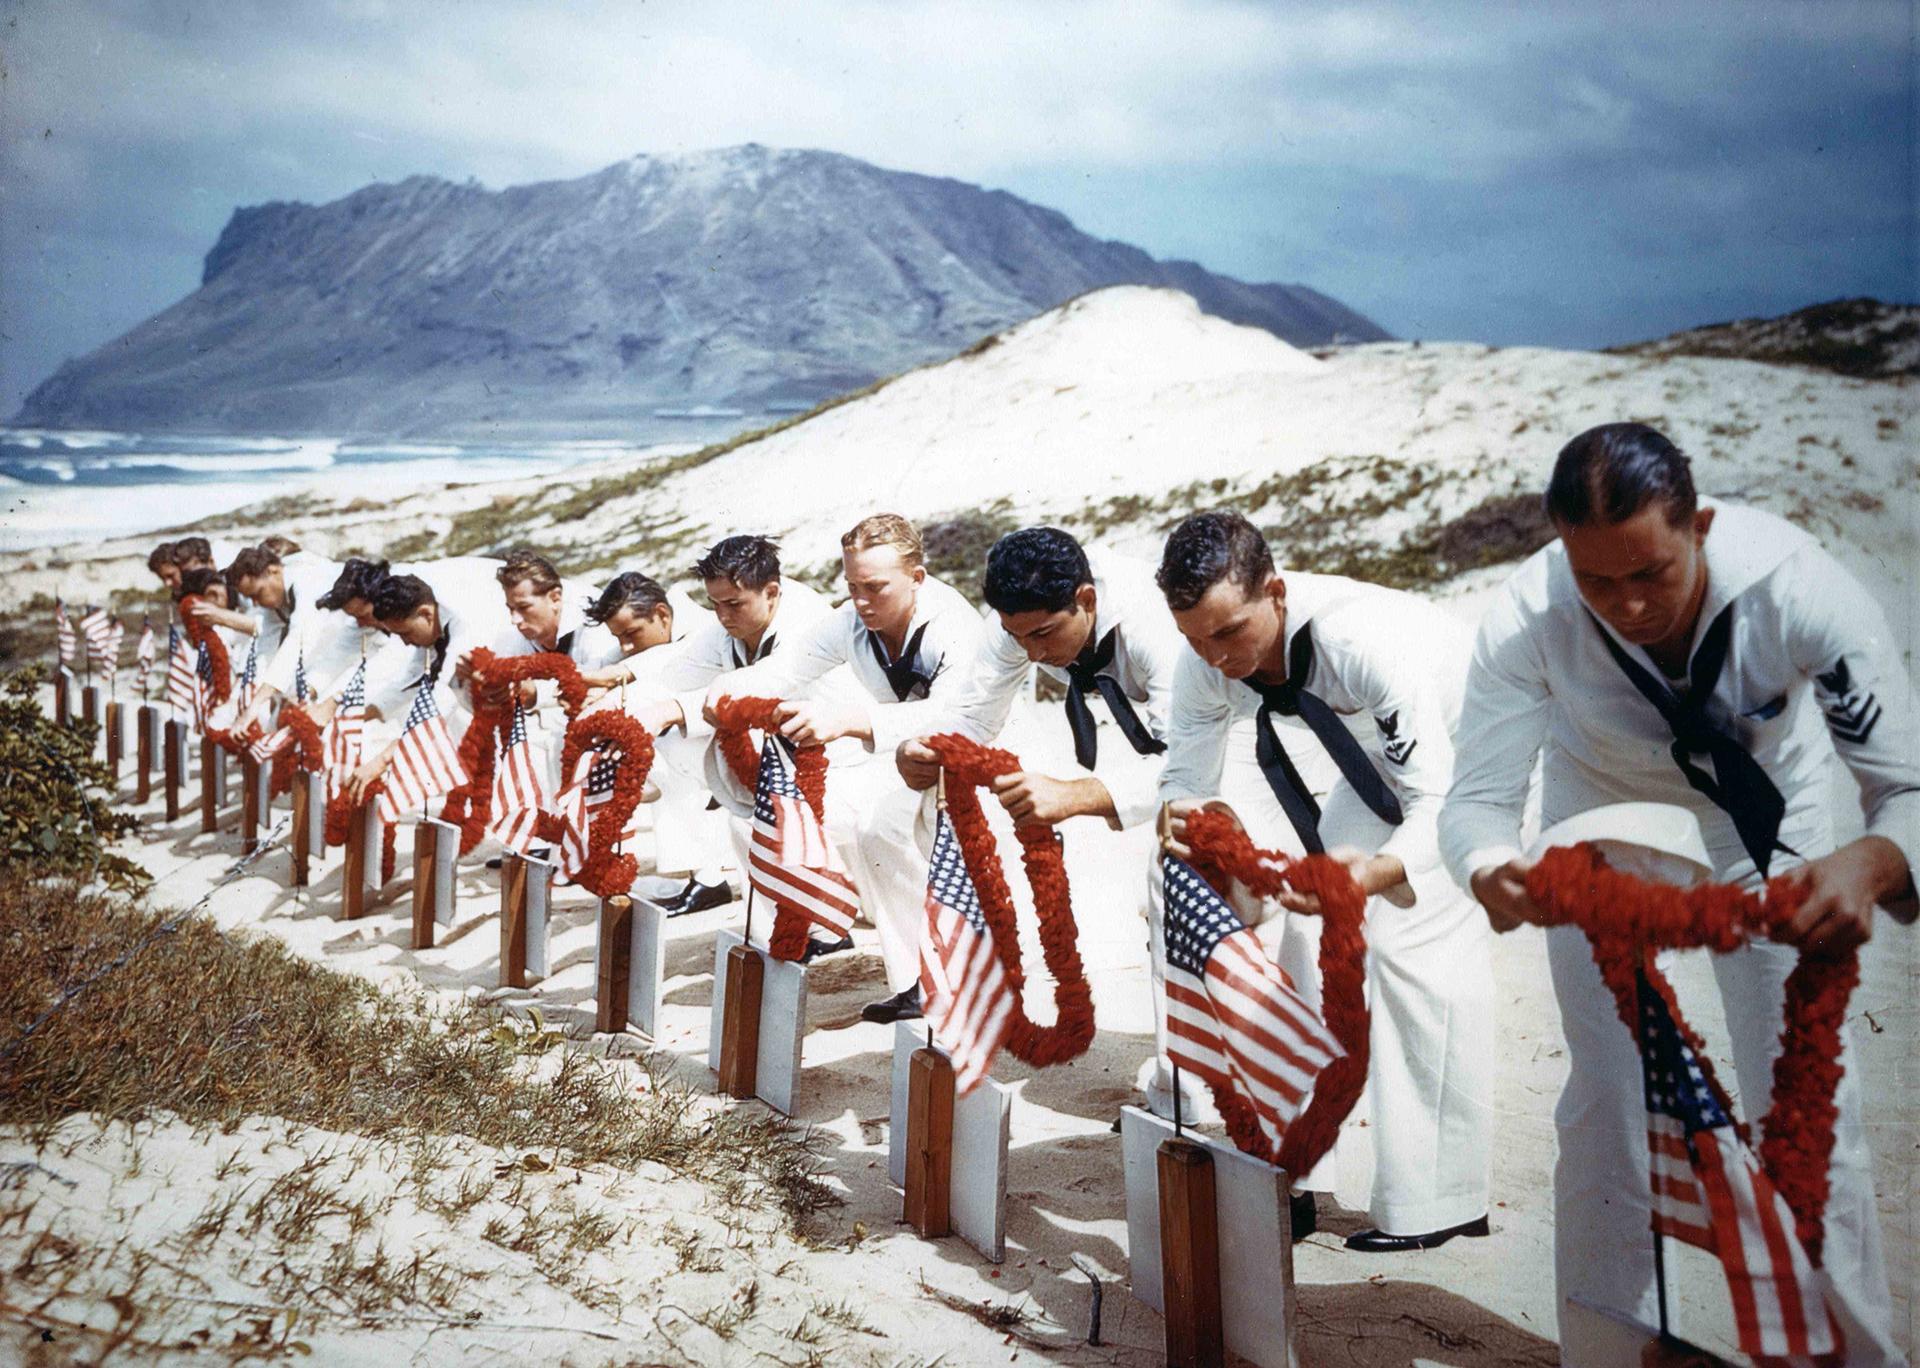 Marineros decoran las tumbas de soldados caídos en la base aérea de Kaneohe, Hawai, poco después del bombardeo lanzado por Japón el 7 de diciembre de 1941. Se calcula que 2.400 estadounidenses murieron en el ataque japonés, y que supuso su entrada en la Segunda Guerra Mundial